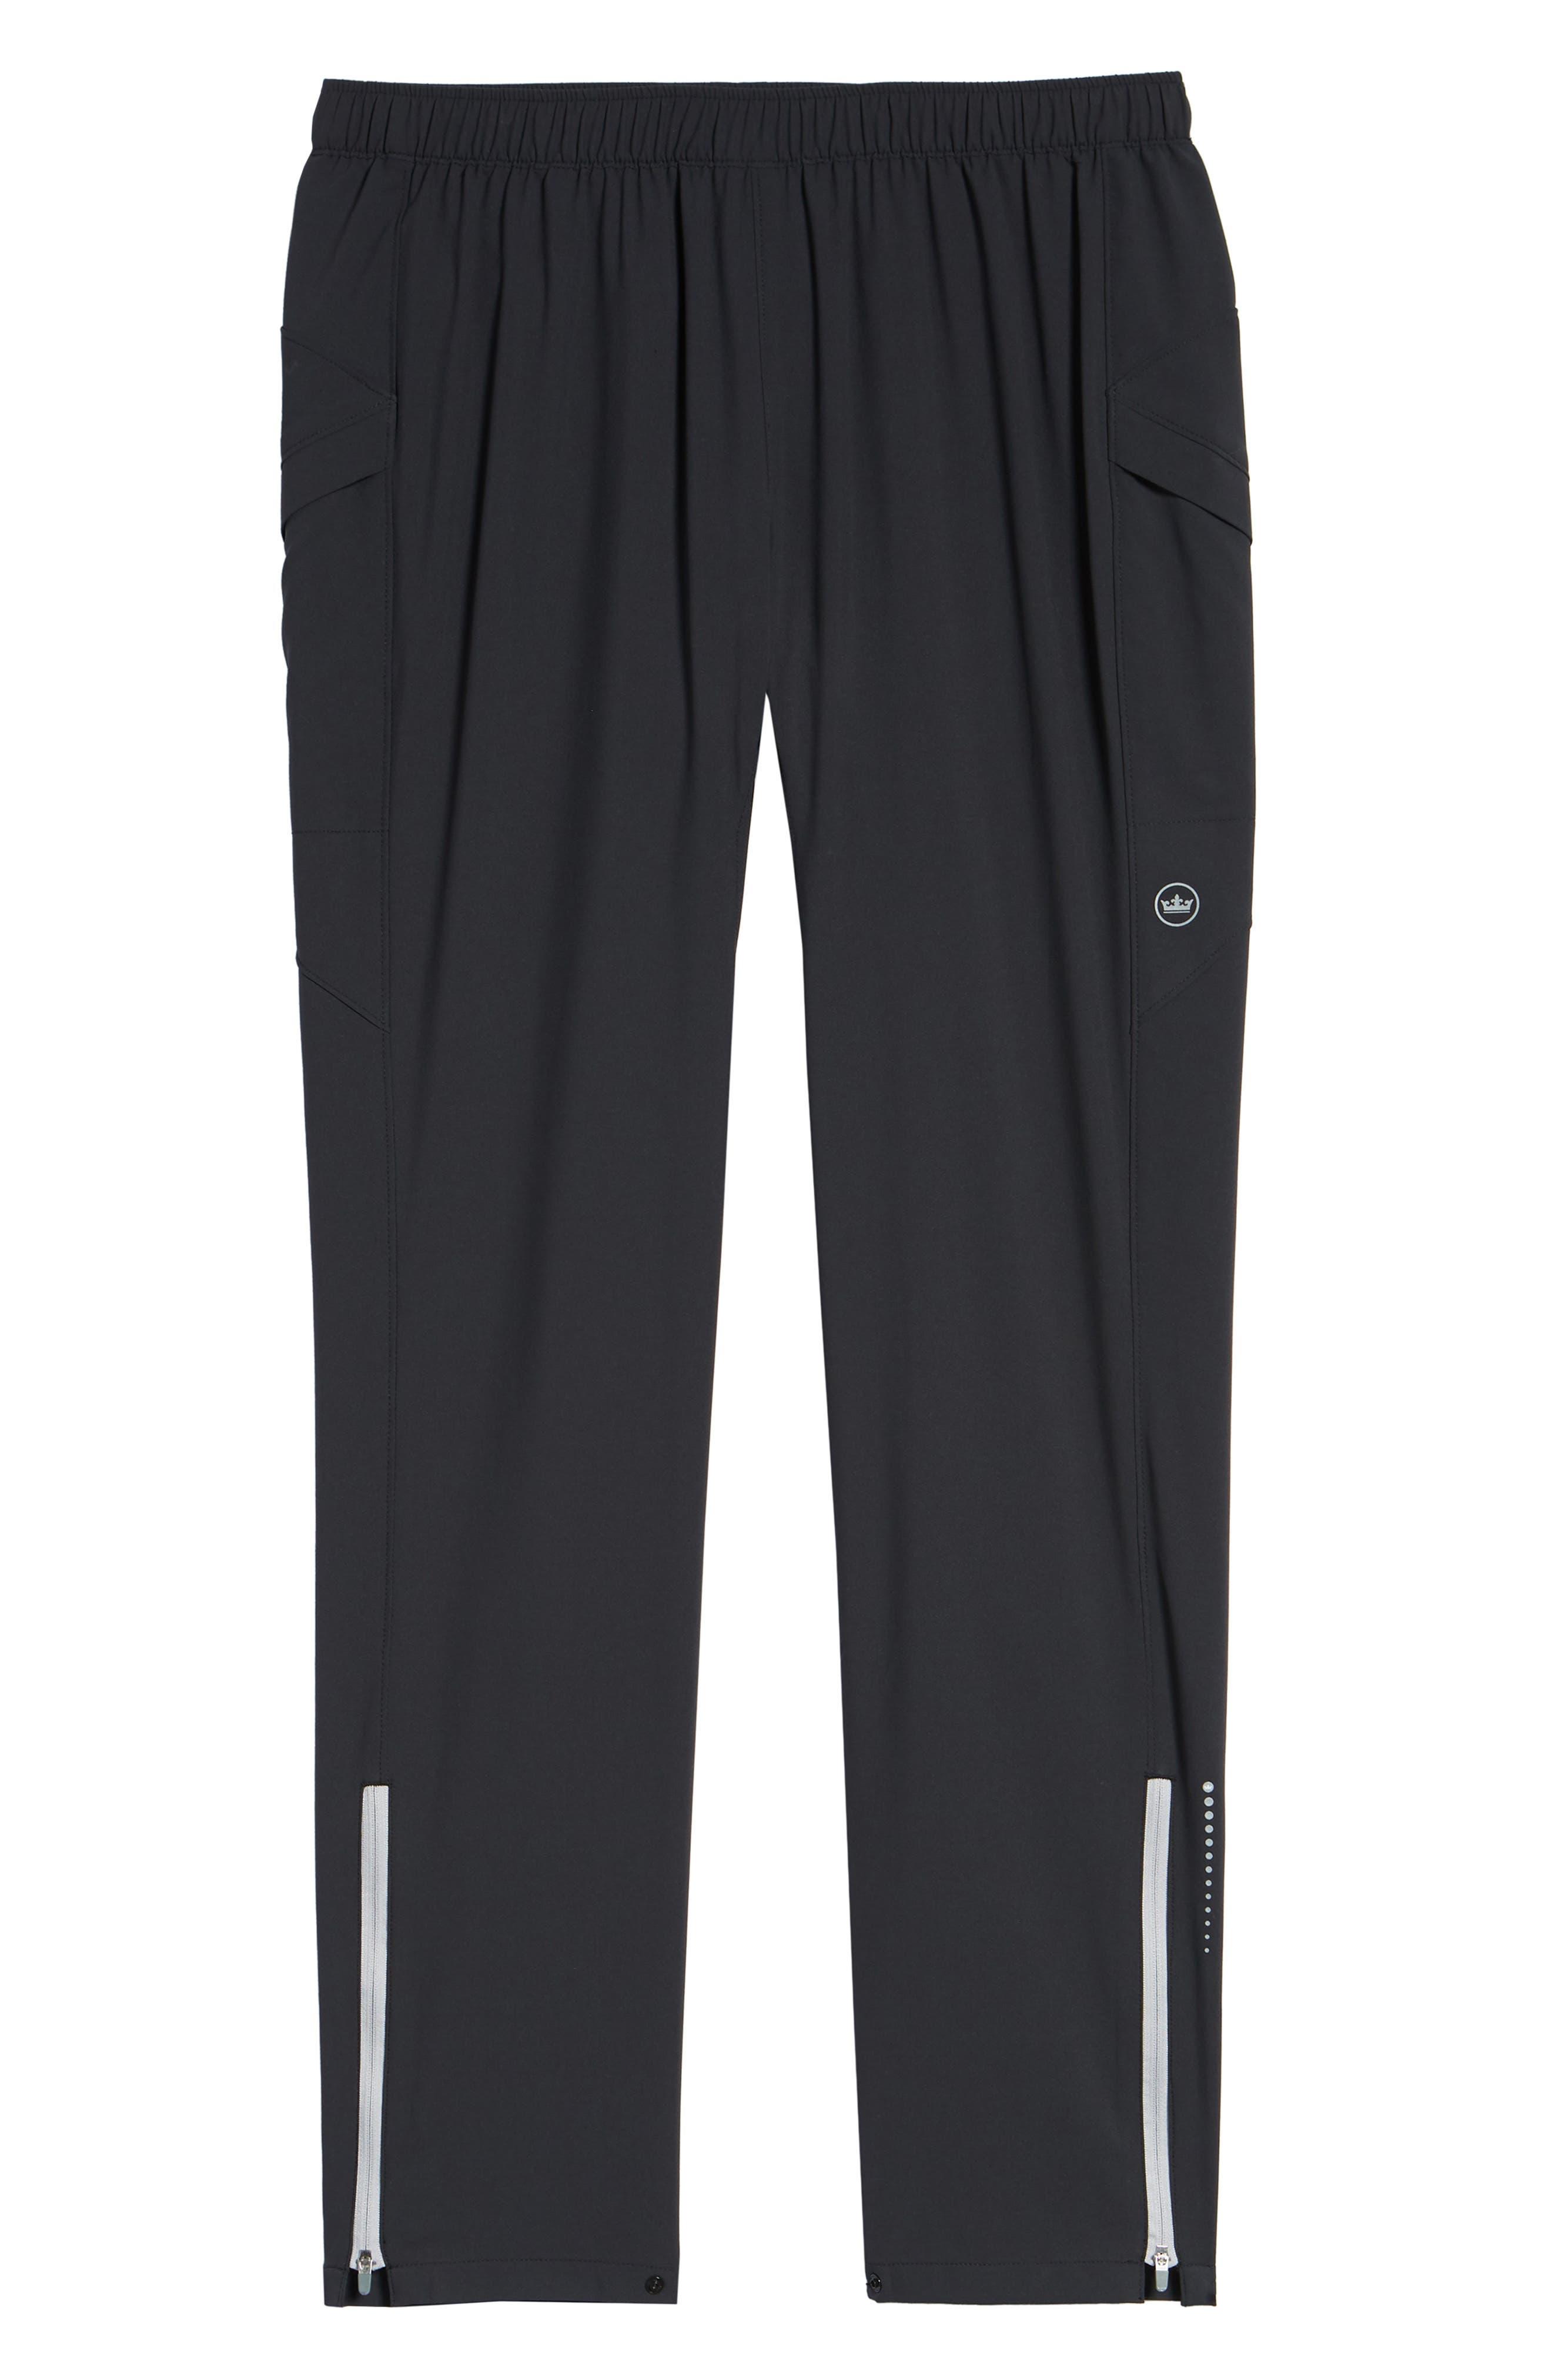 Vancouver Workout Pants,                             Alternate thumbnail 6, color,                             BLACK